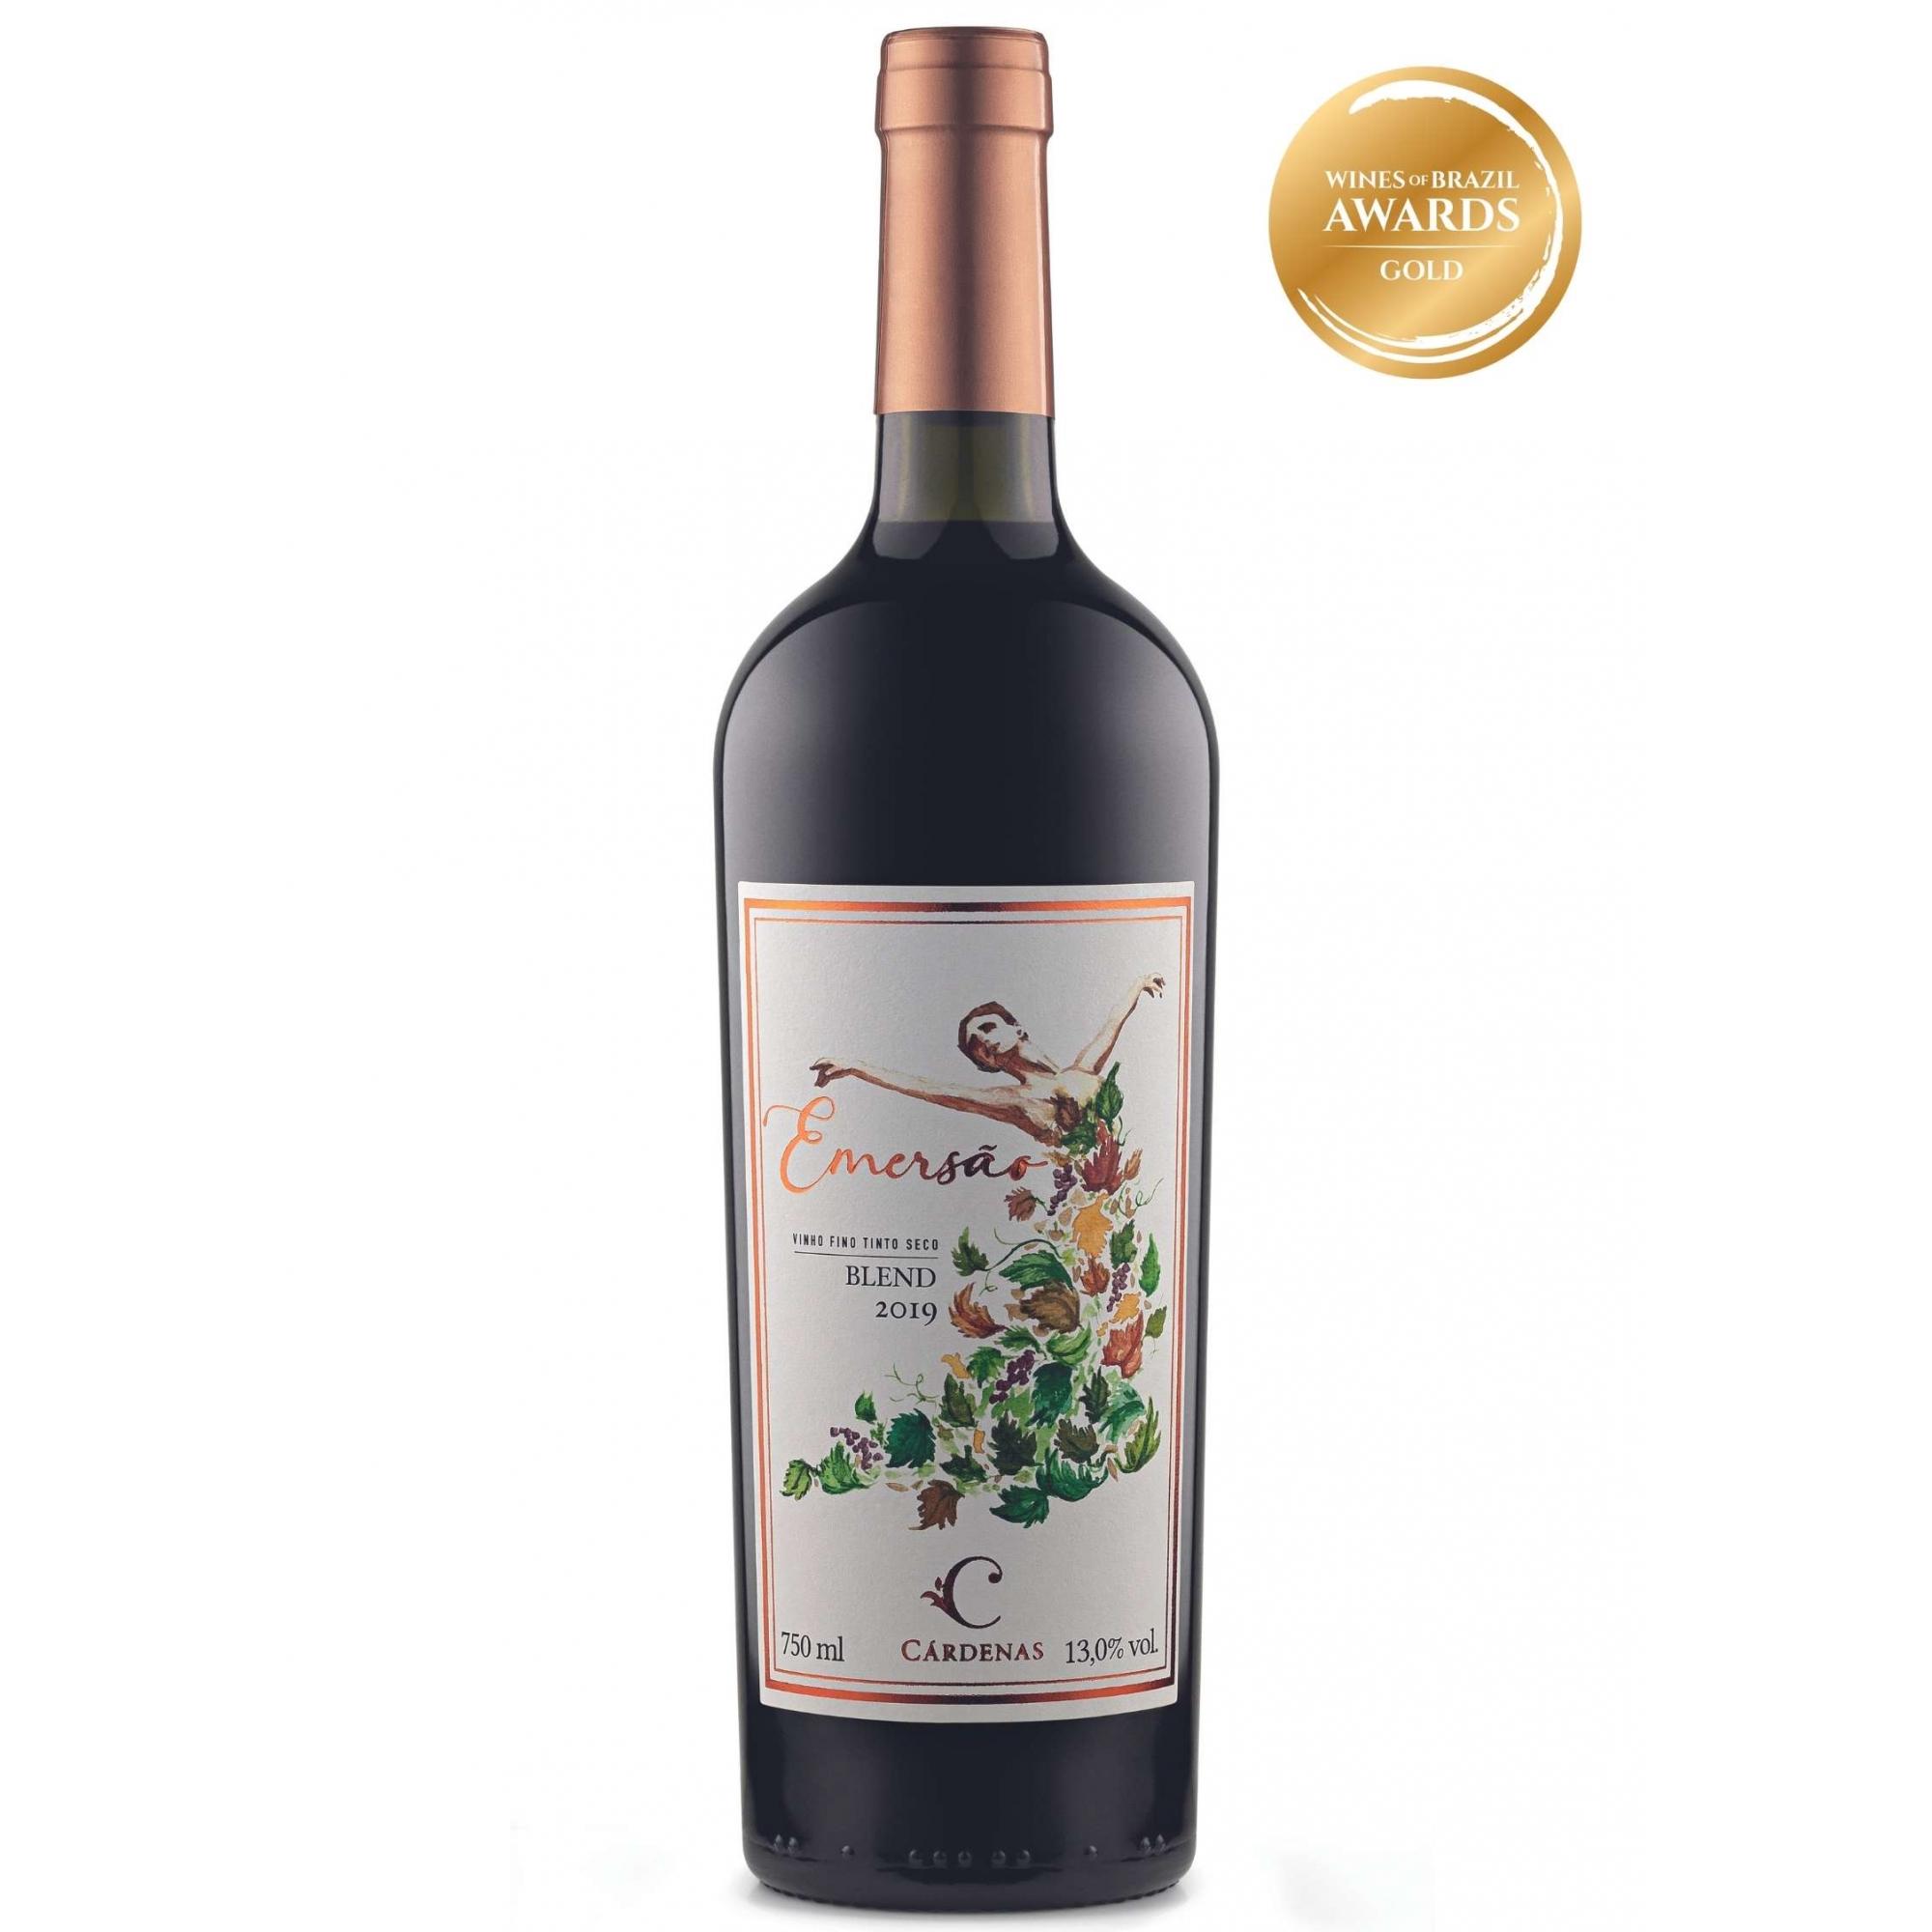 Cárdenas Vinho Tinto Emersão Blend 2019 750ml